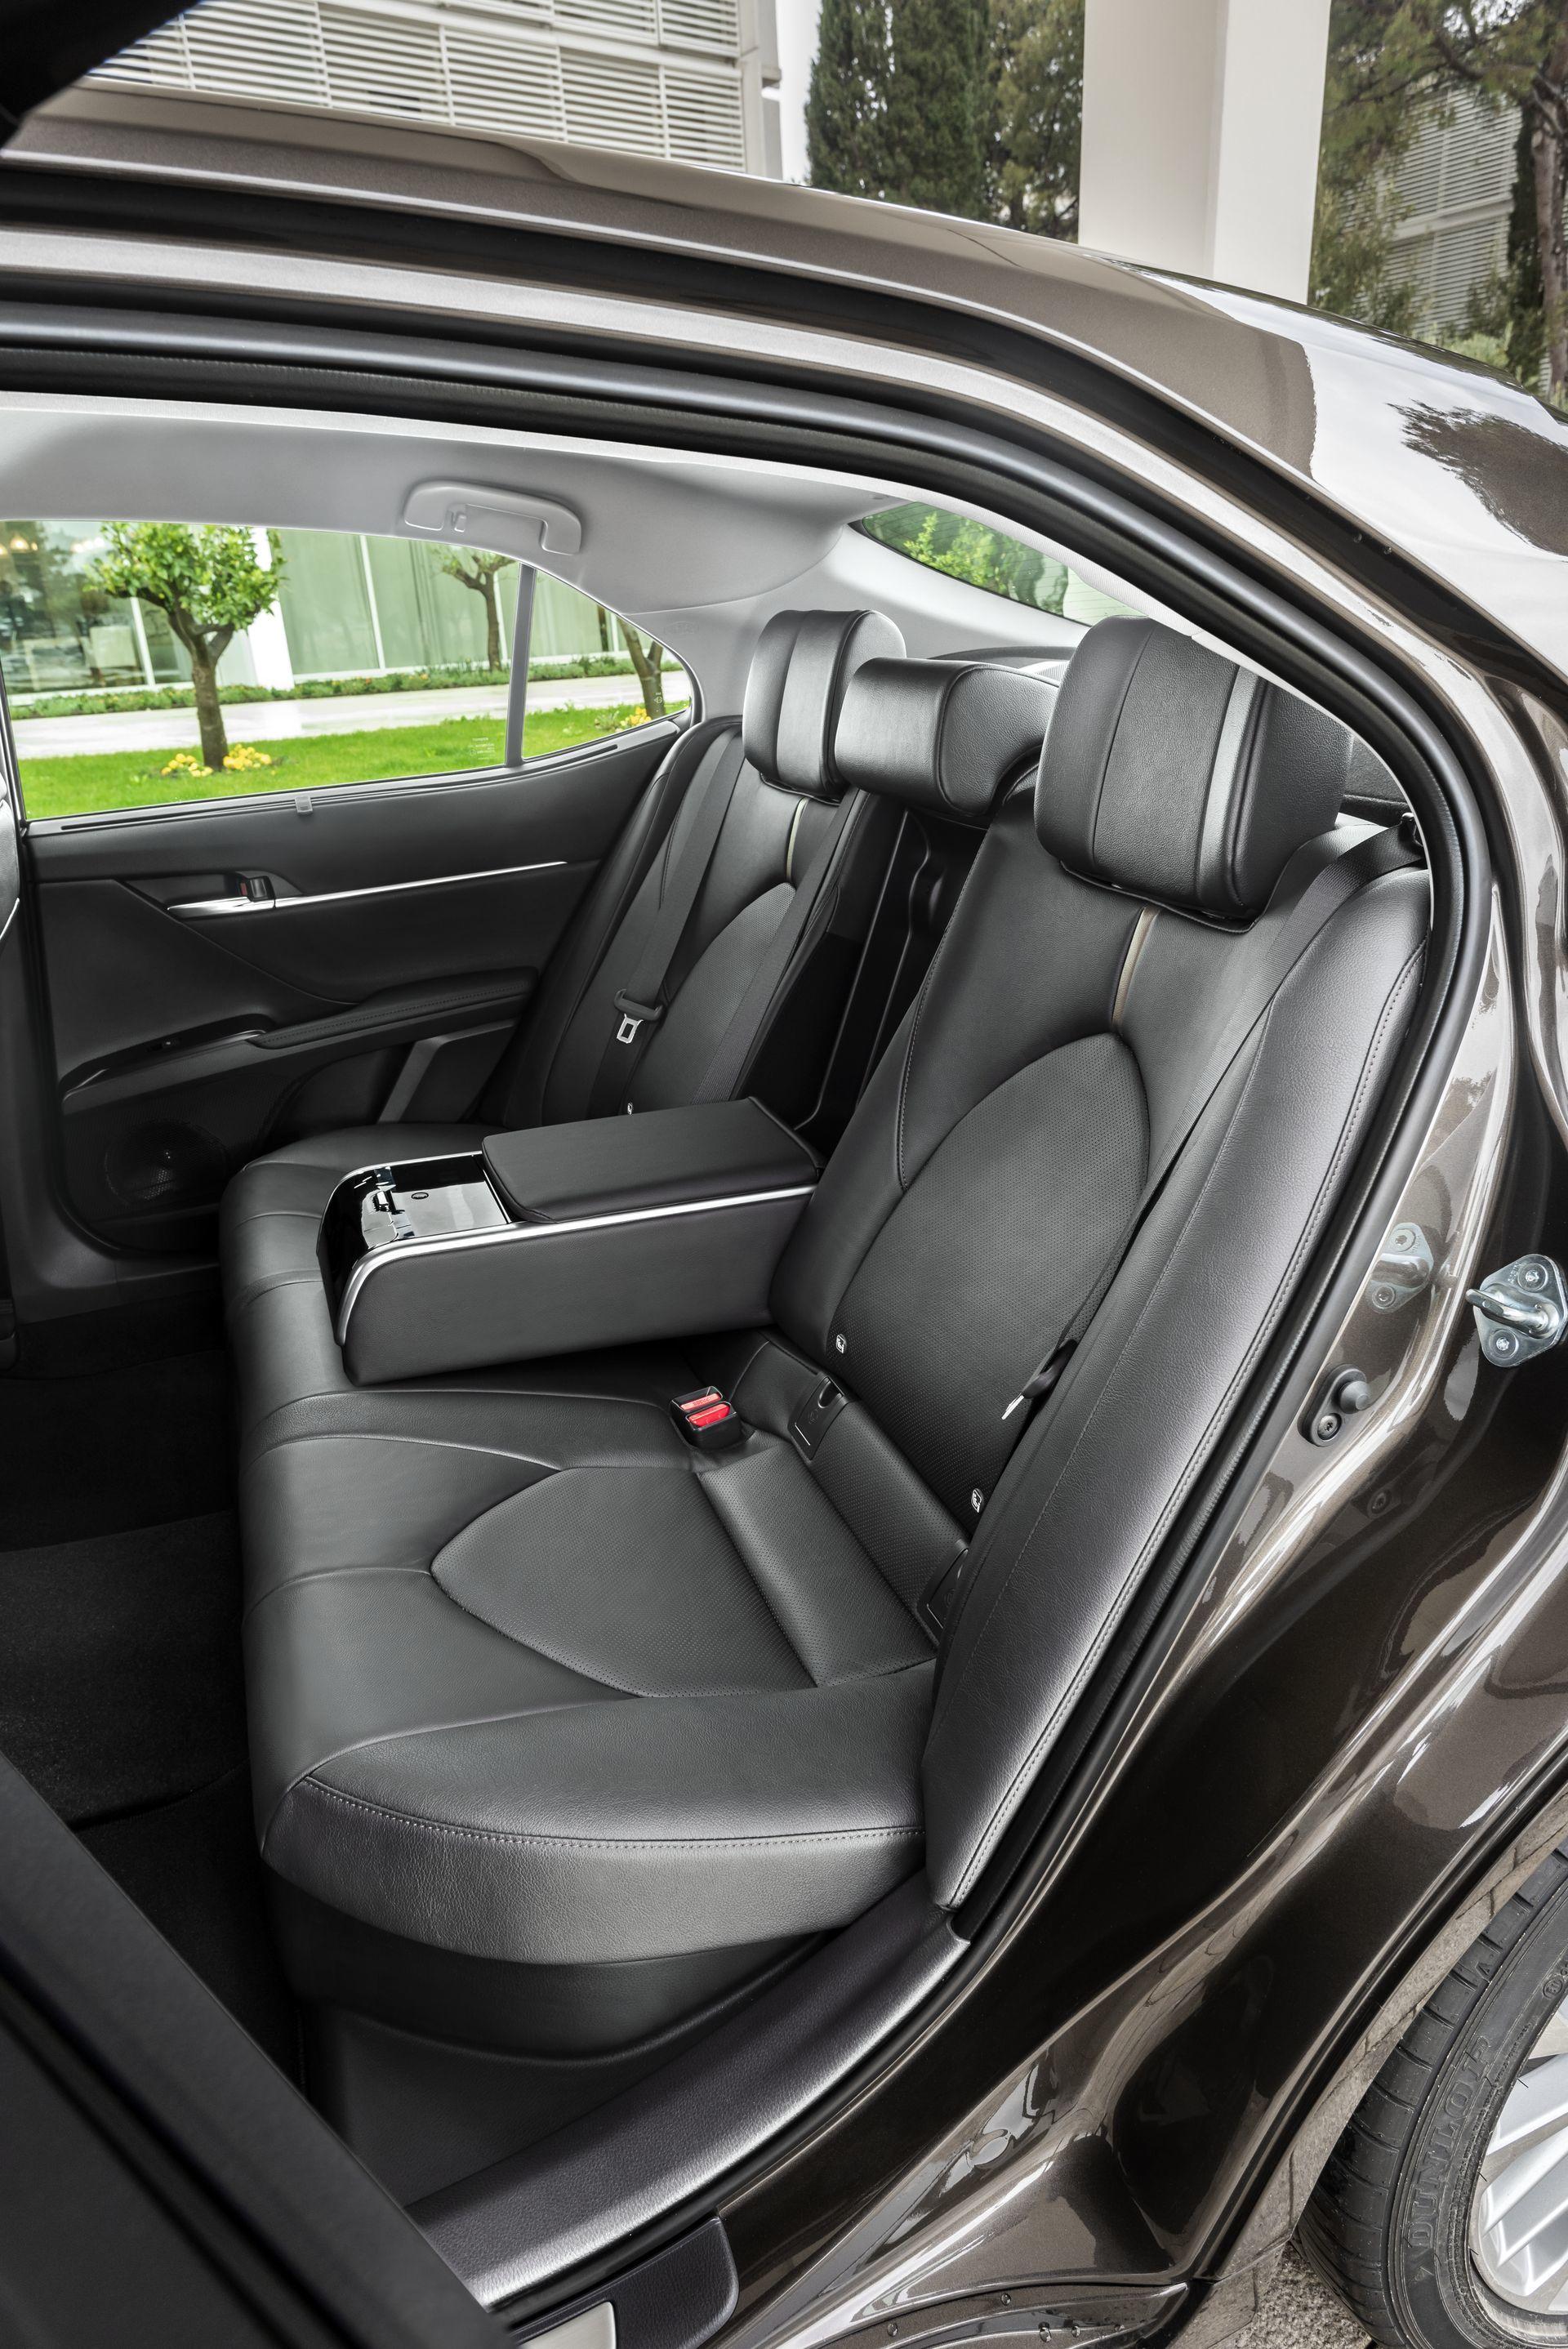 Toyota Camry Hybrid 2019 19